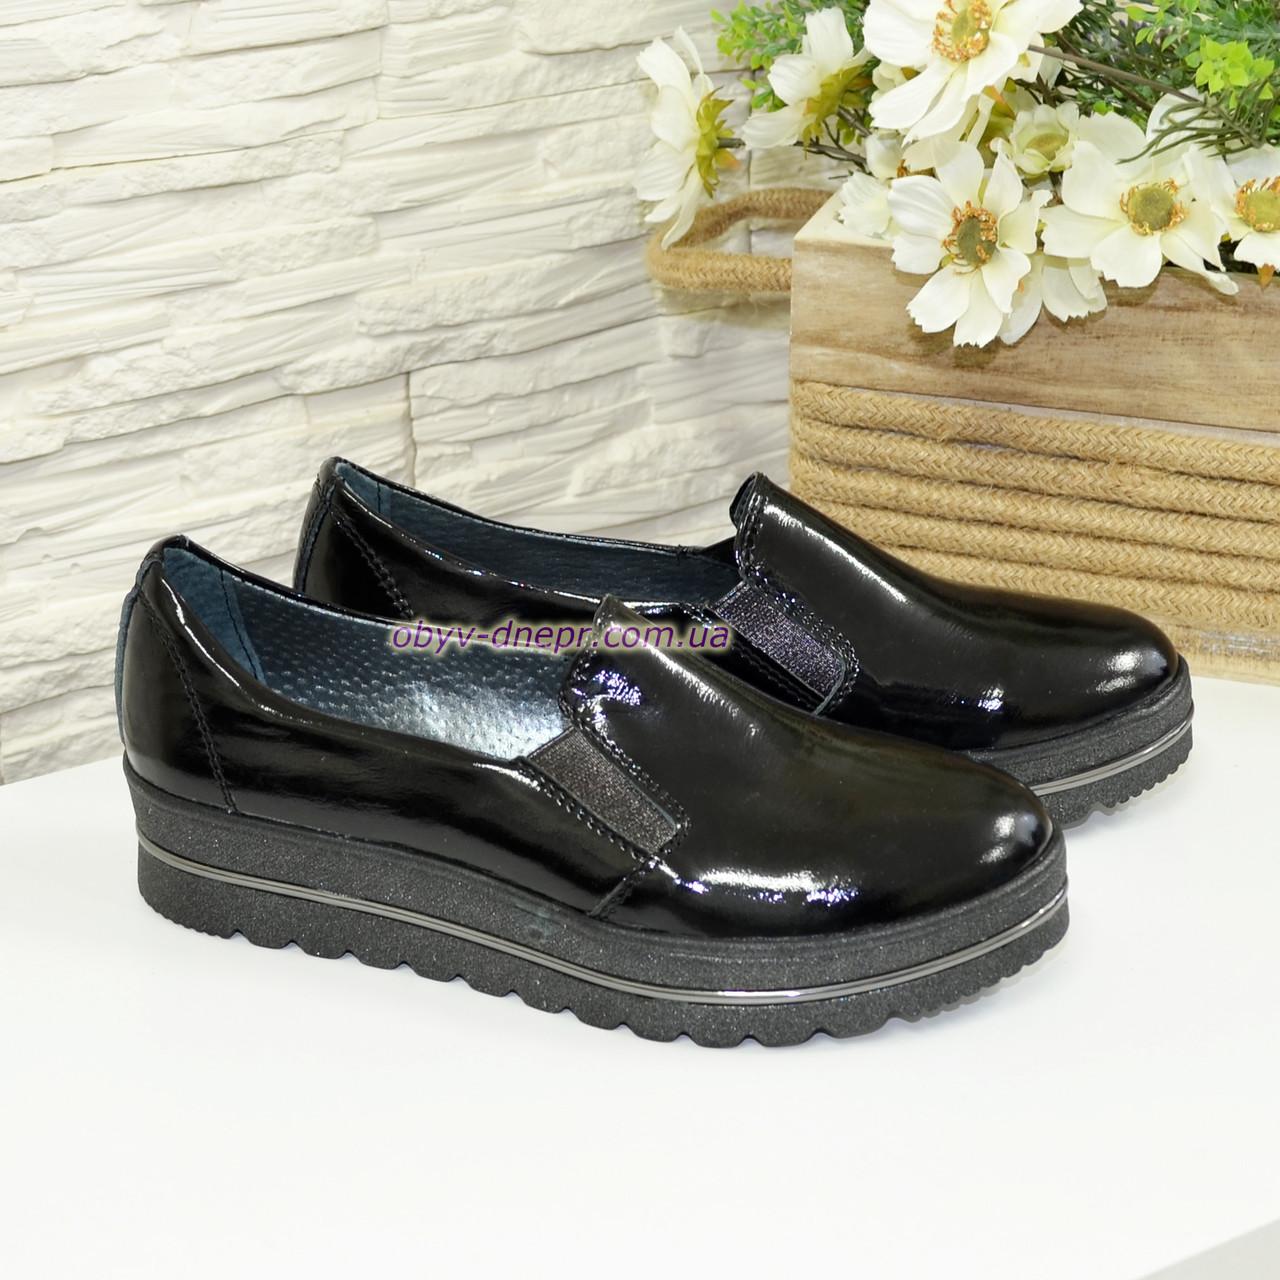 Туфли женские из натуральной лаковой кожи черного цвета на утолщенной подошве